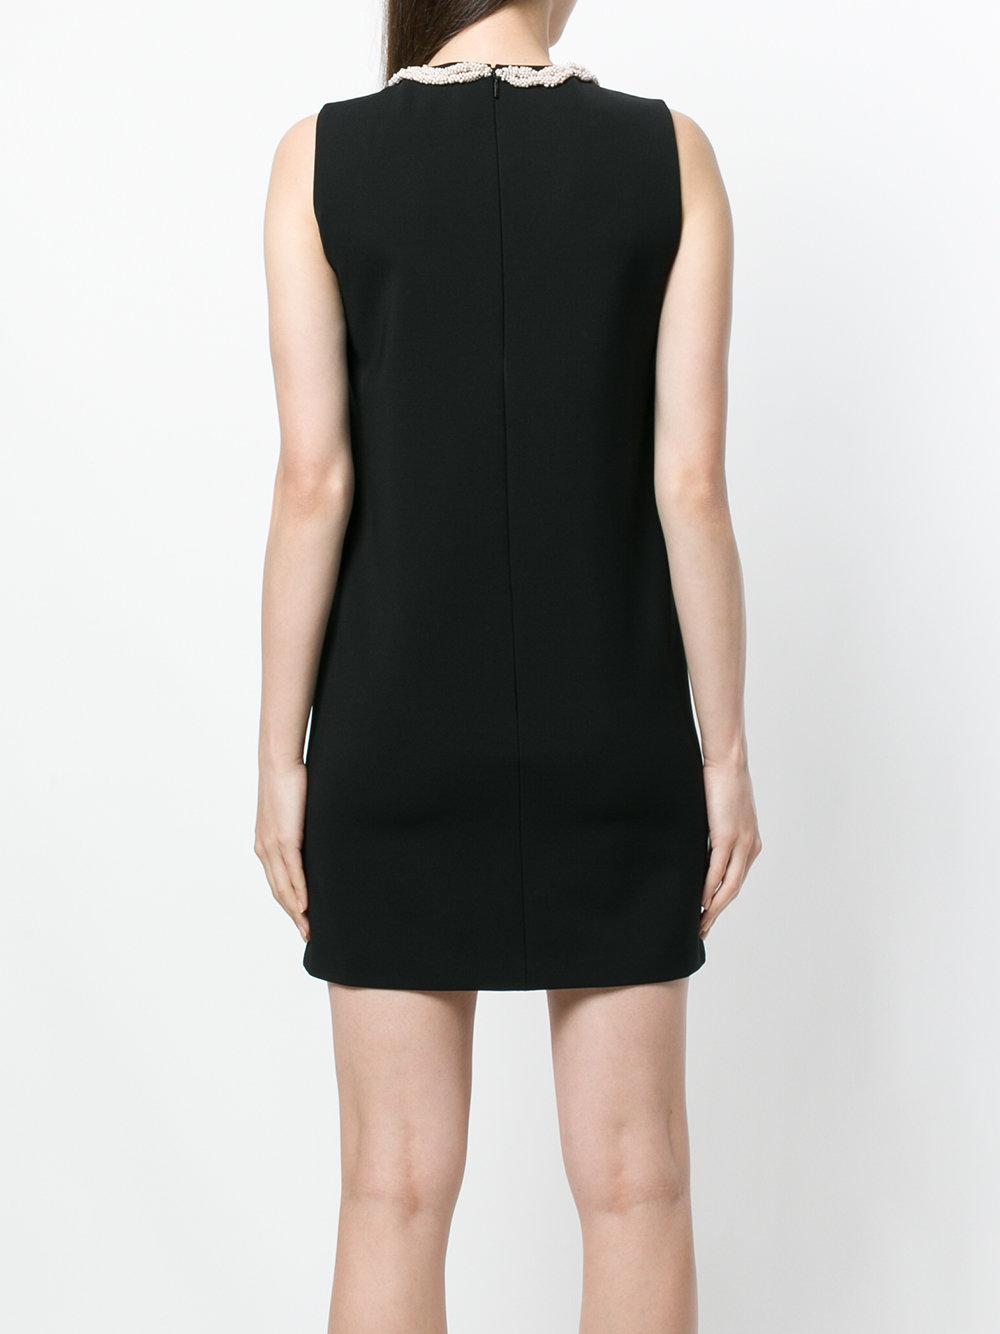 1e0b1c120456 Gucci - Black Pearl Tassel Neckline Mini Dress - Lyst. View fullscreen